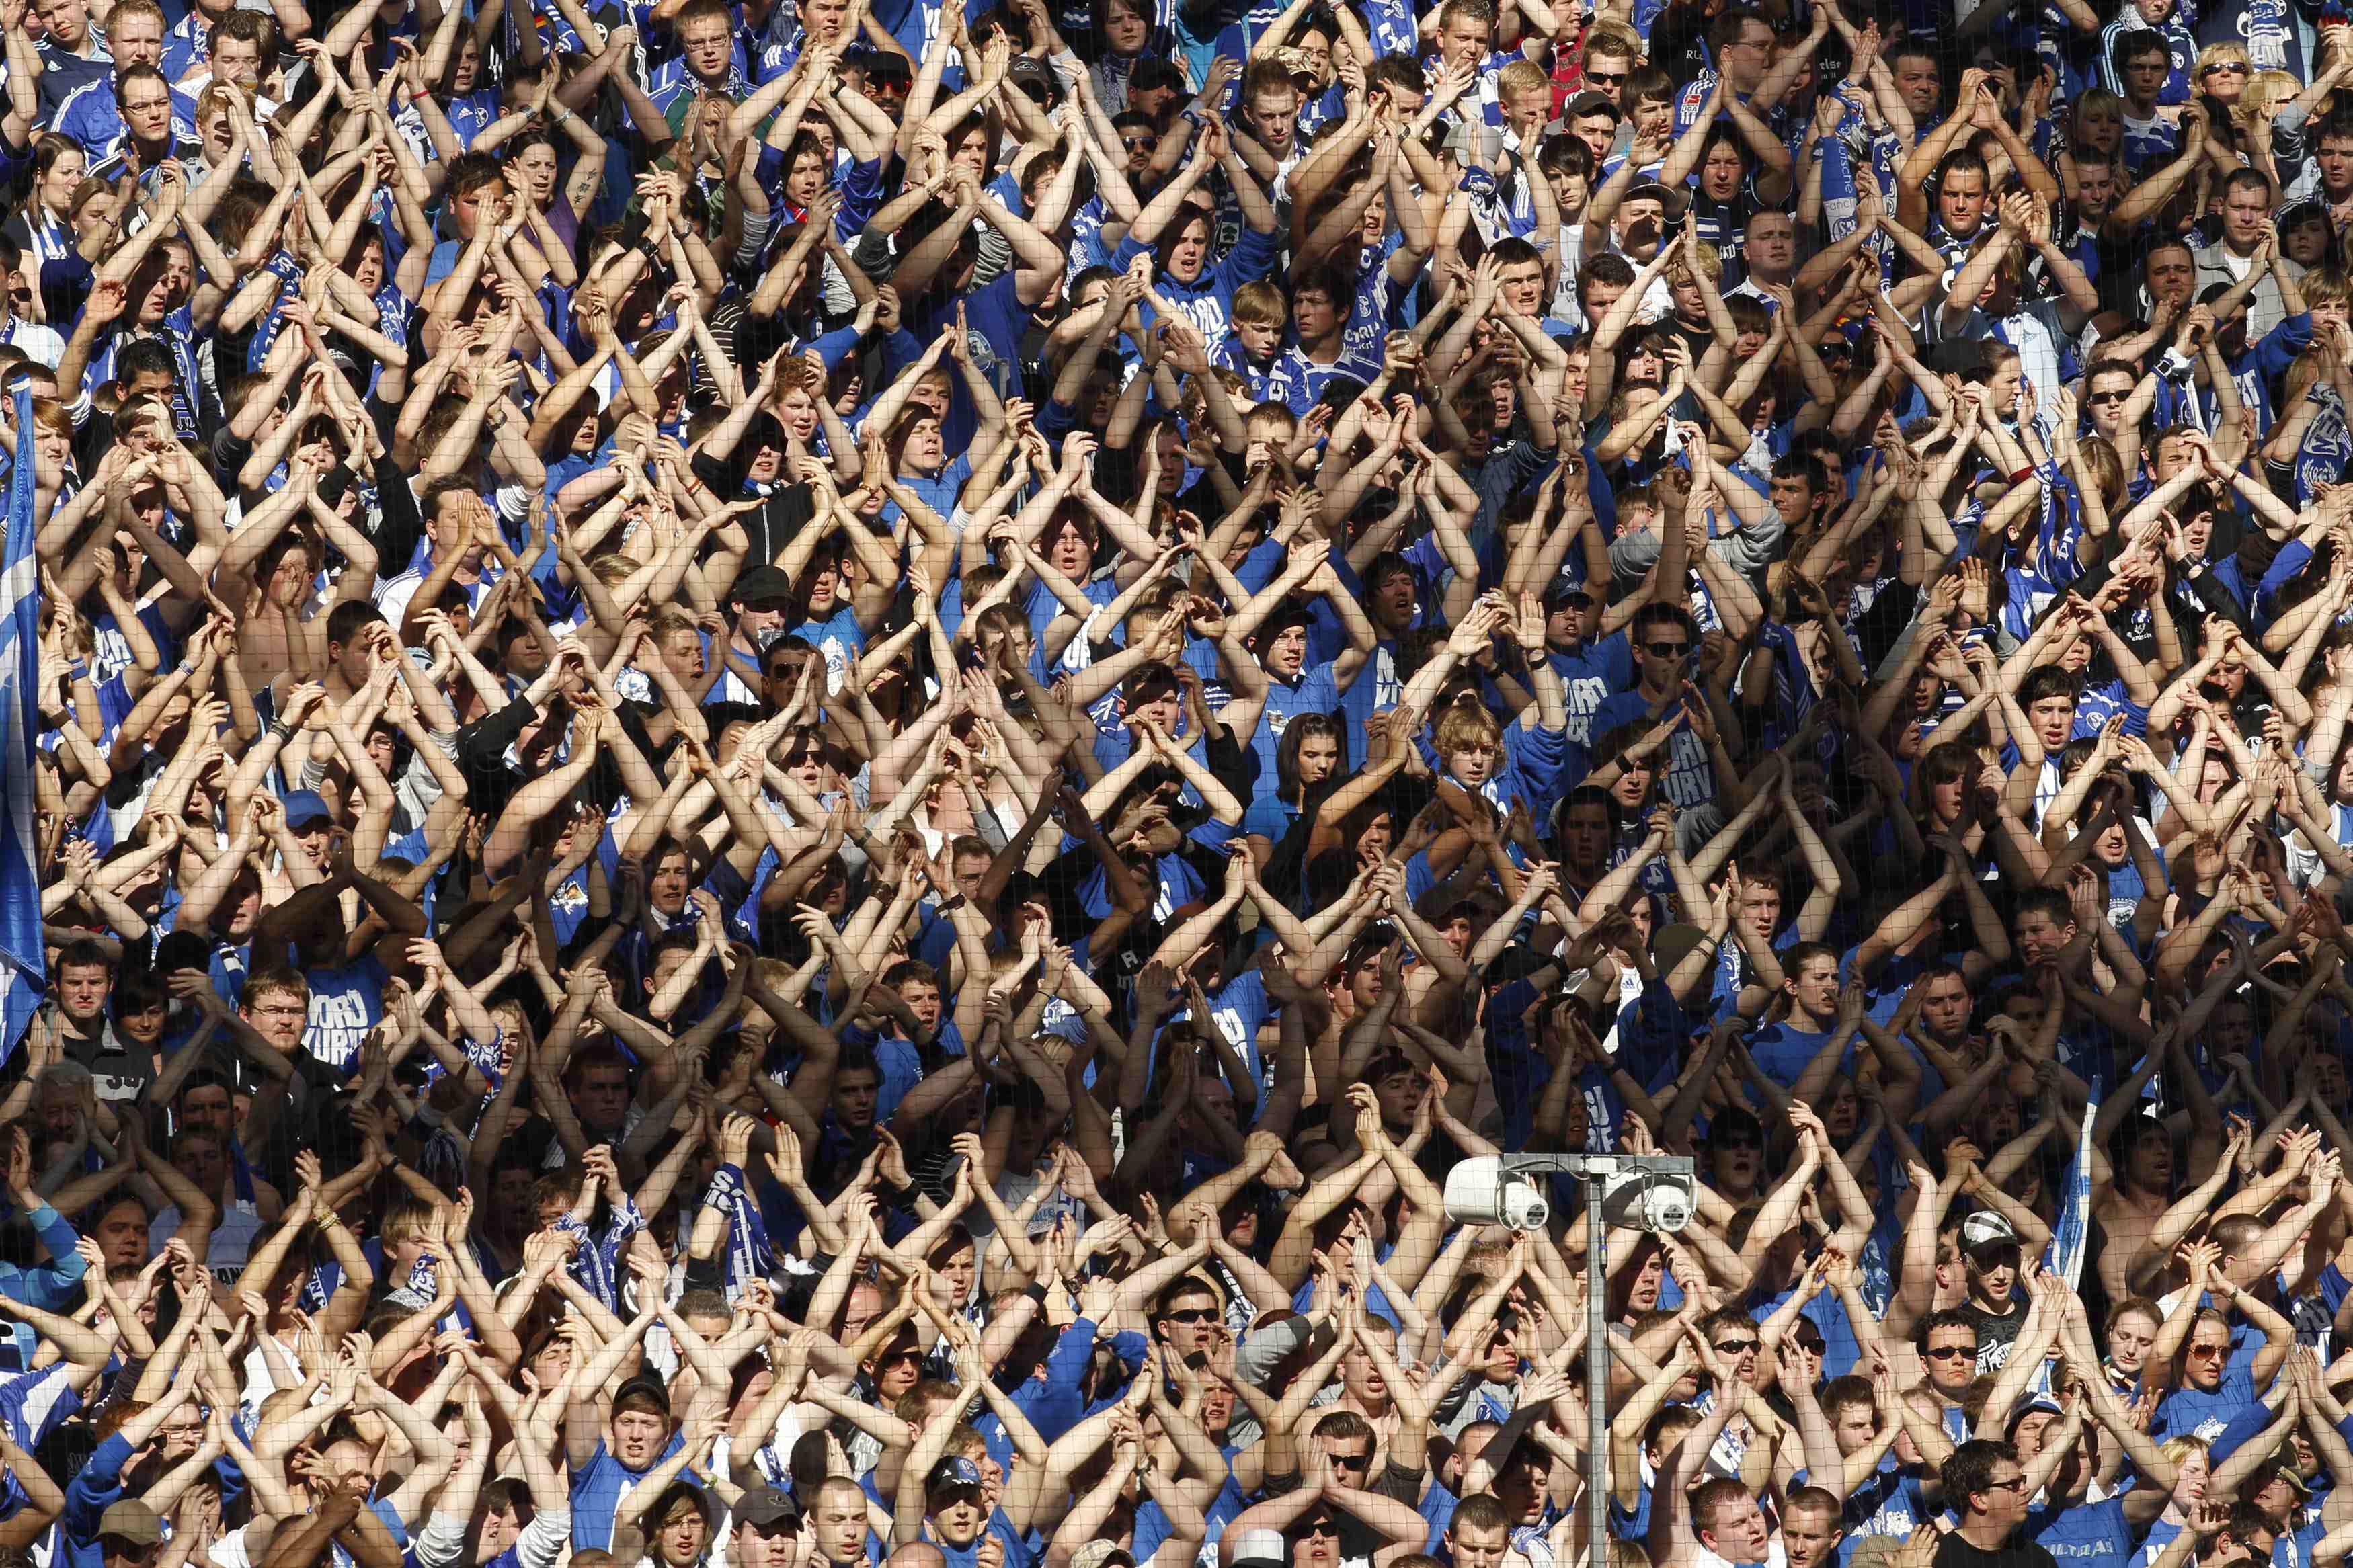 Οι οπαδοί της Σάλκε πανηγυρίζουν τη νίκη επί της Γκλάντμπαχ